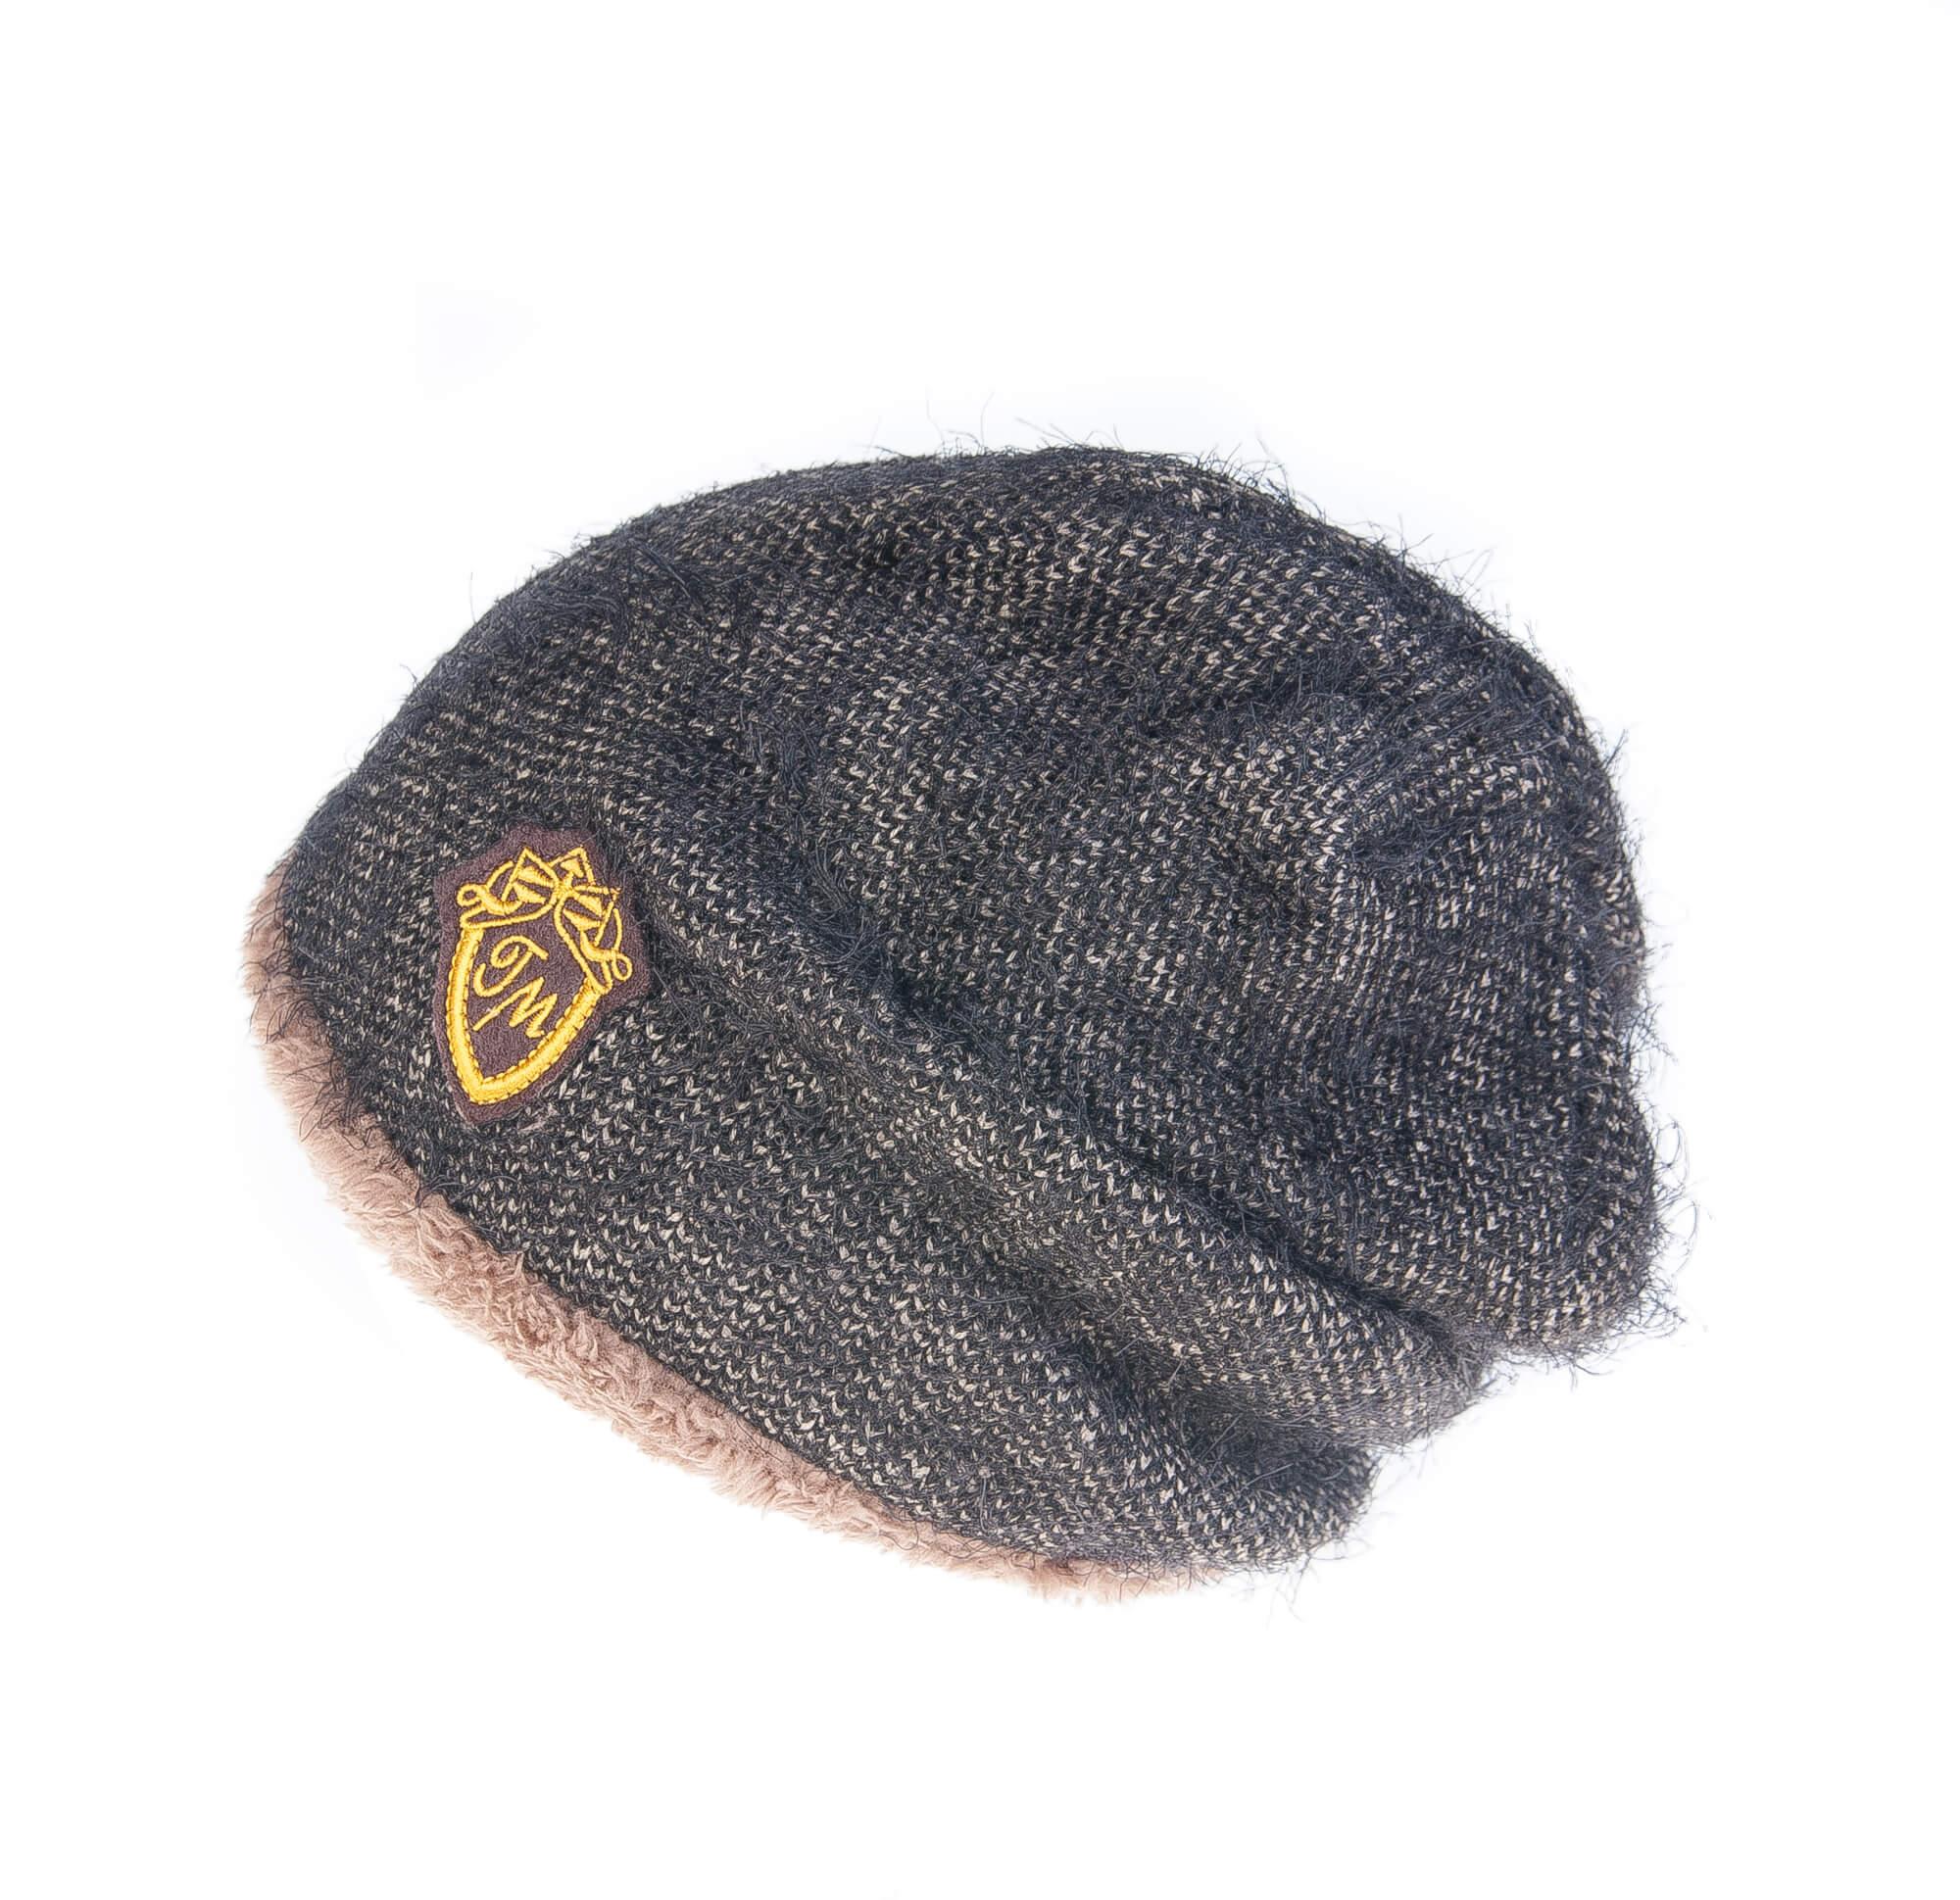 کلاه مردانه بافتنی JAMONT – پشمی HW1008